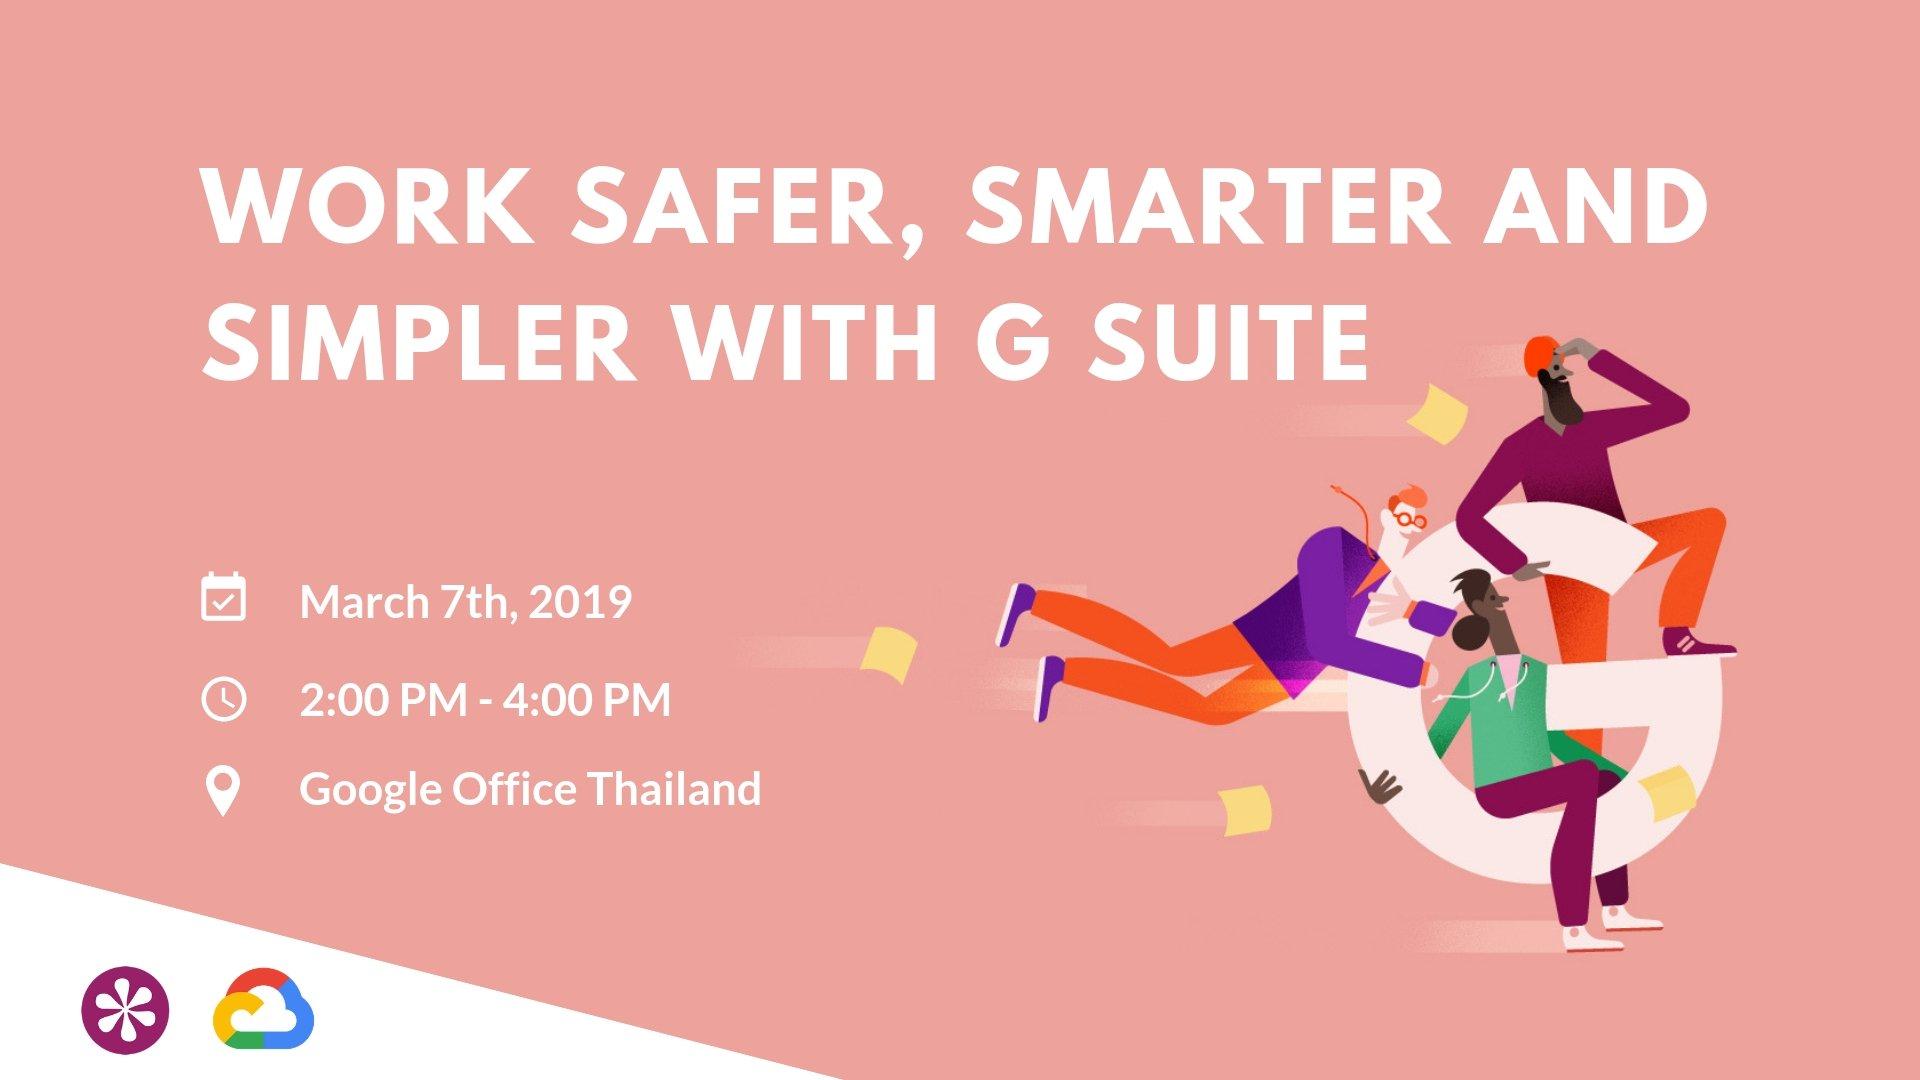 Work safer, smarter and simpler with G Suite_Website